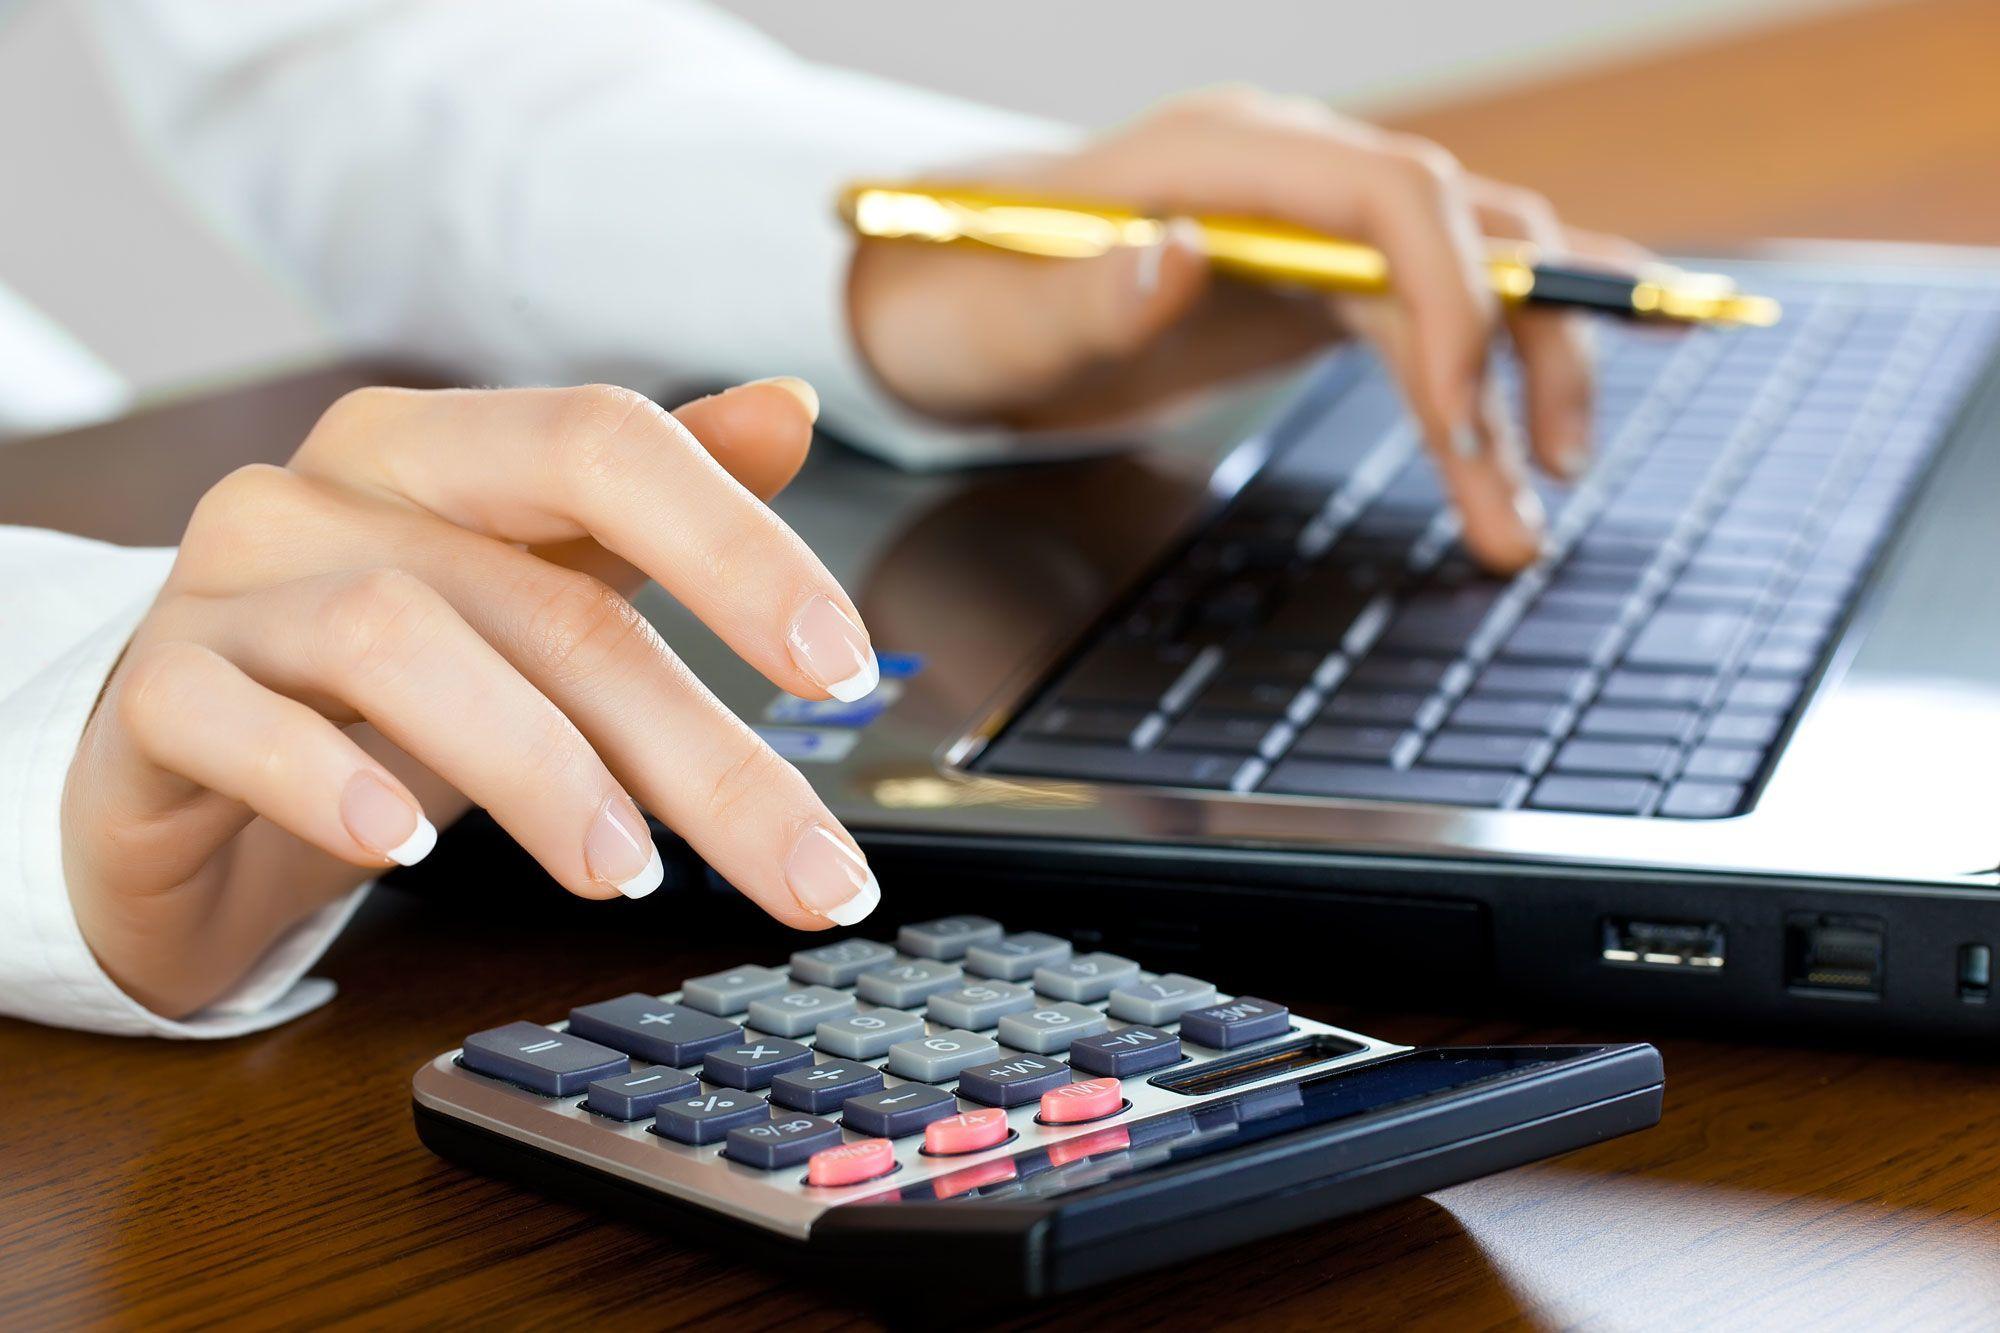 Плюсы и минусы быть бухгалтером. Как могут помочь с основами курсы бухгалтера с нуля